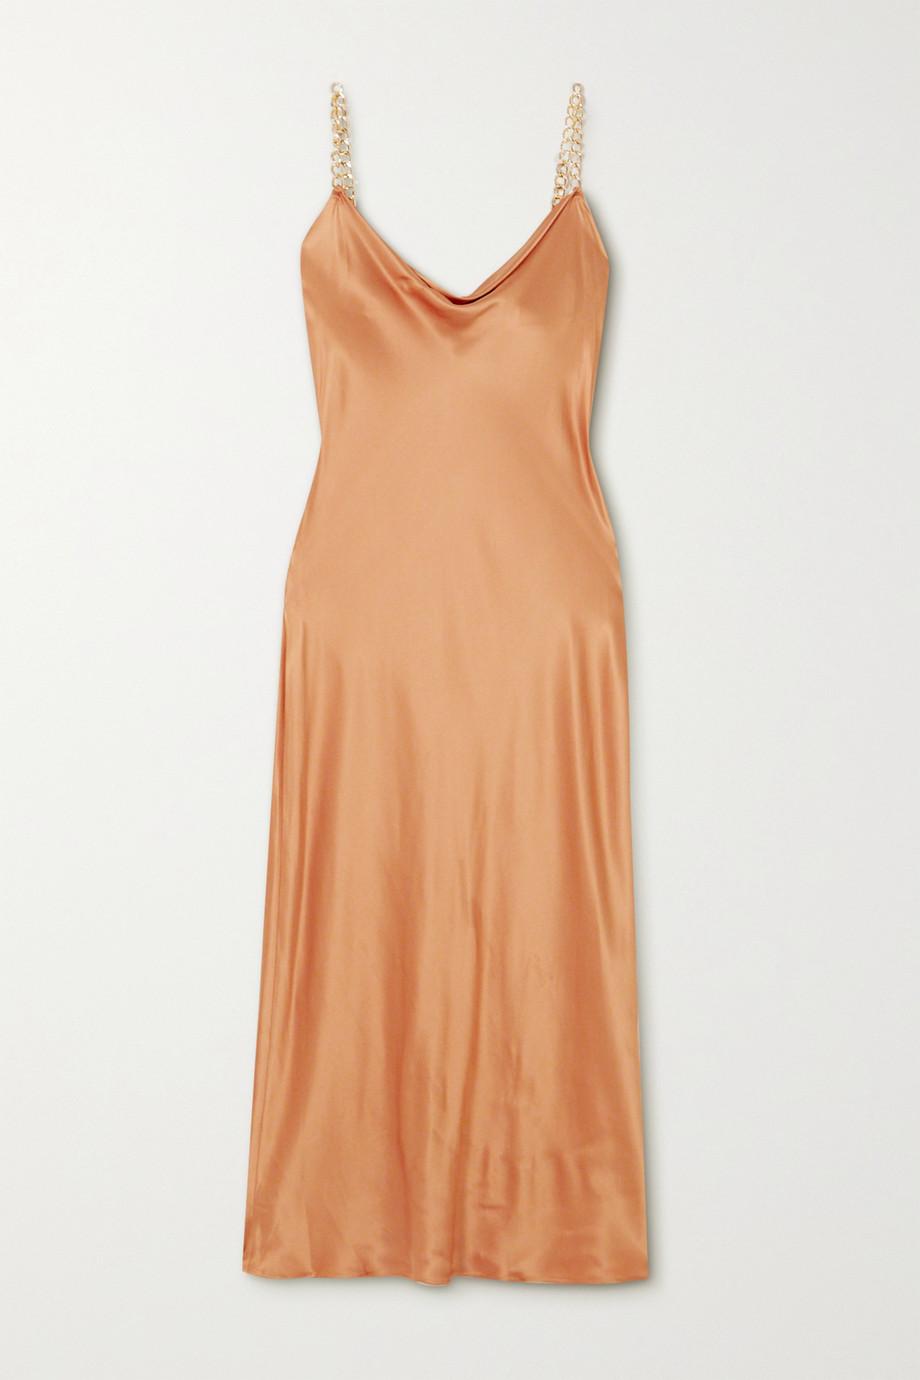 Olivia von Halle Bibi chain-embellished silk-satin midi dress